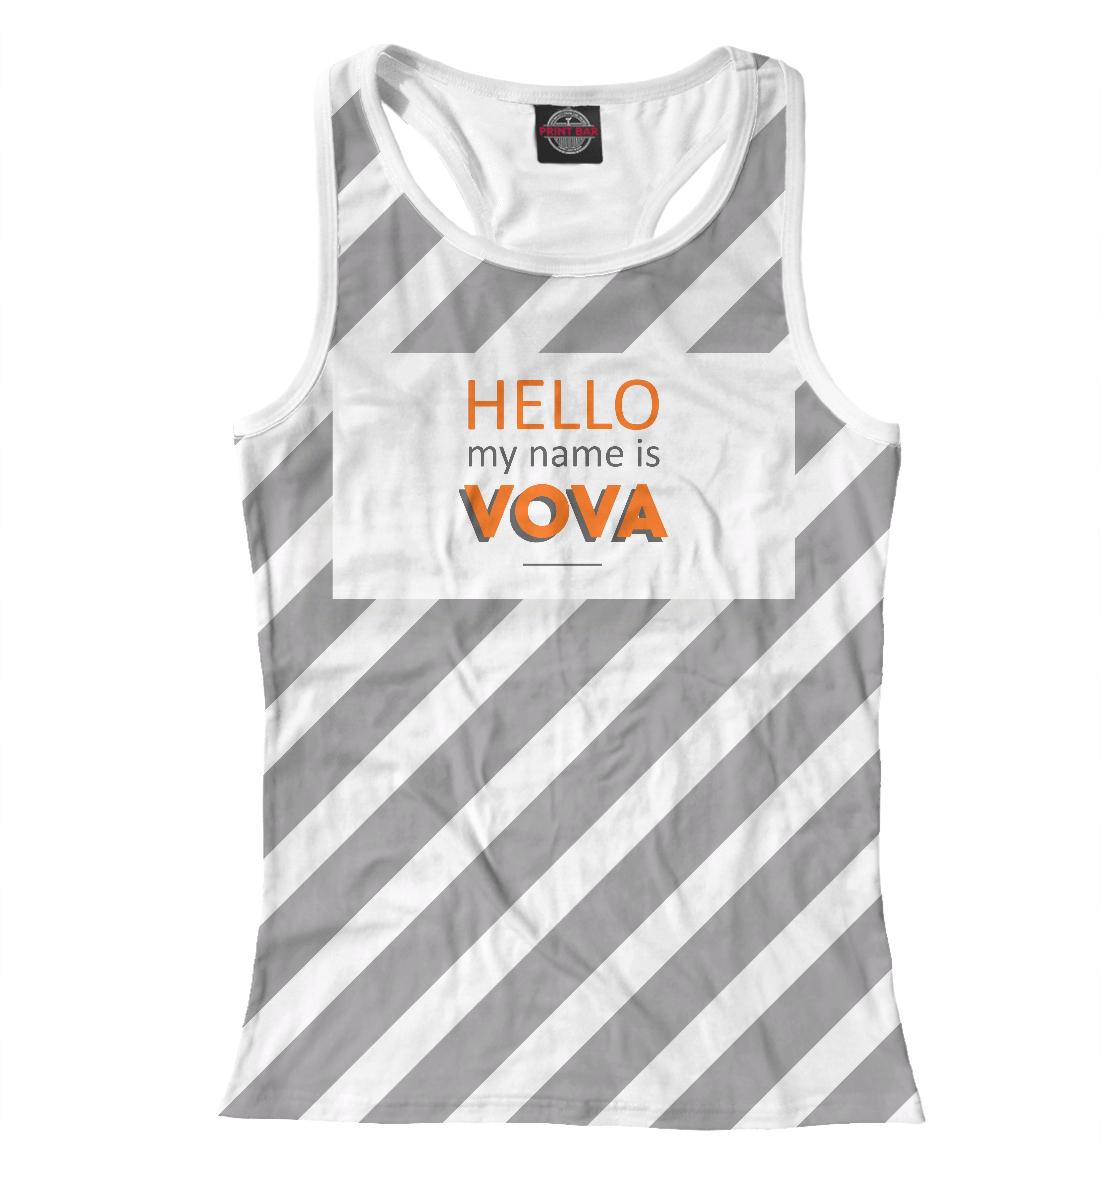 Купить Hallo my name is VOVA, Printbar, Майки борцовки, IMR-343375-mayb-1